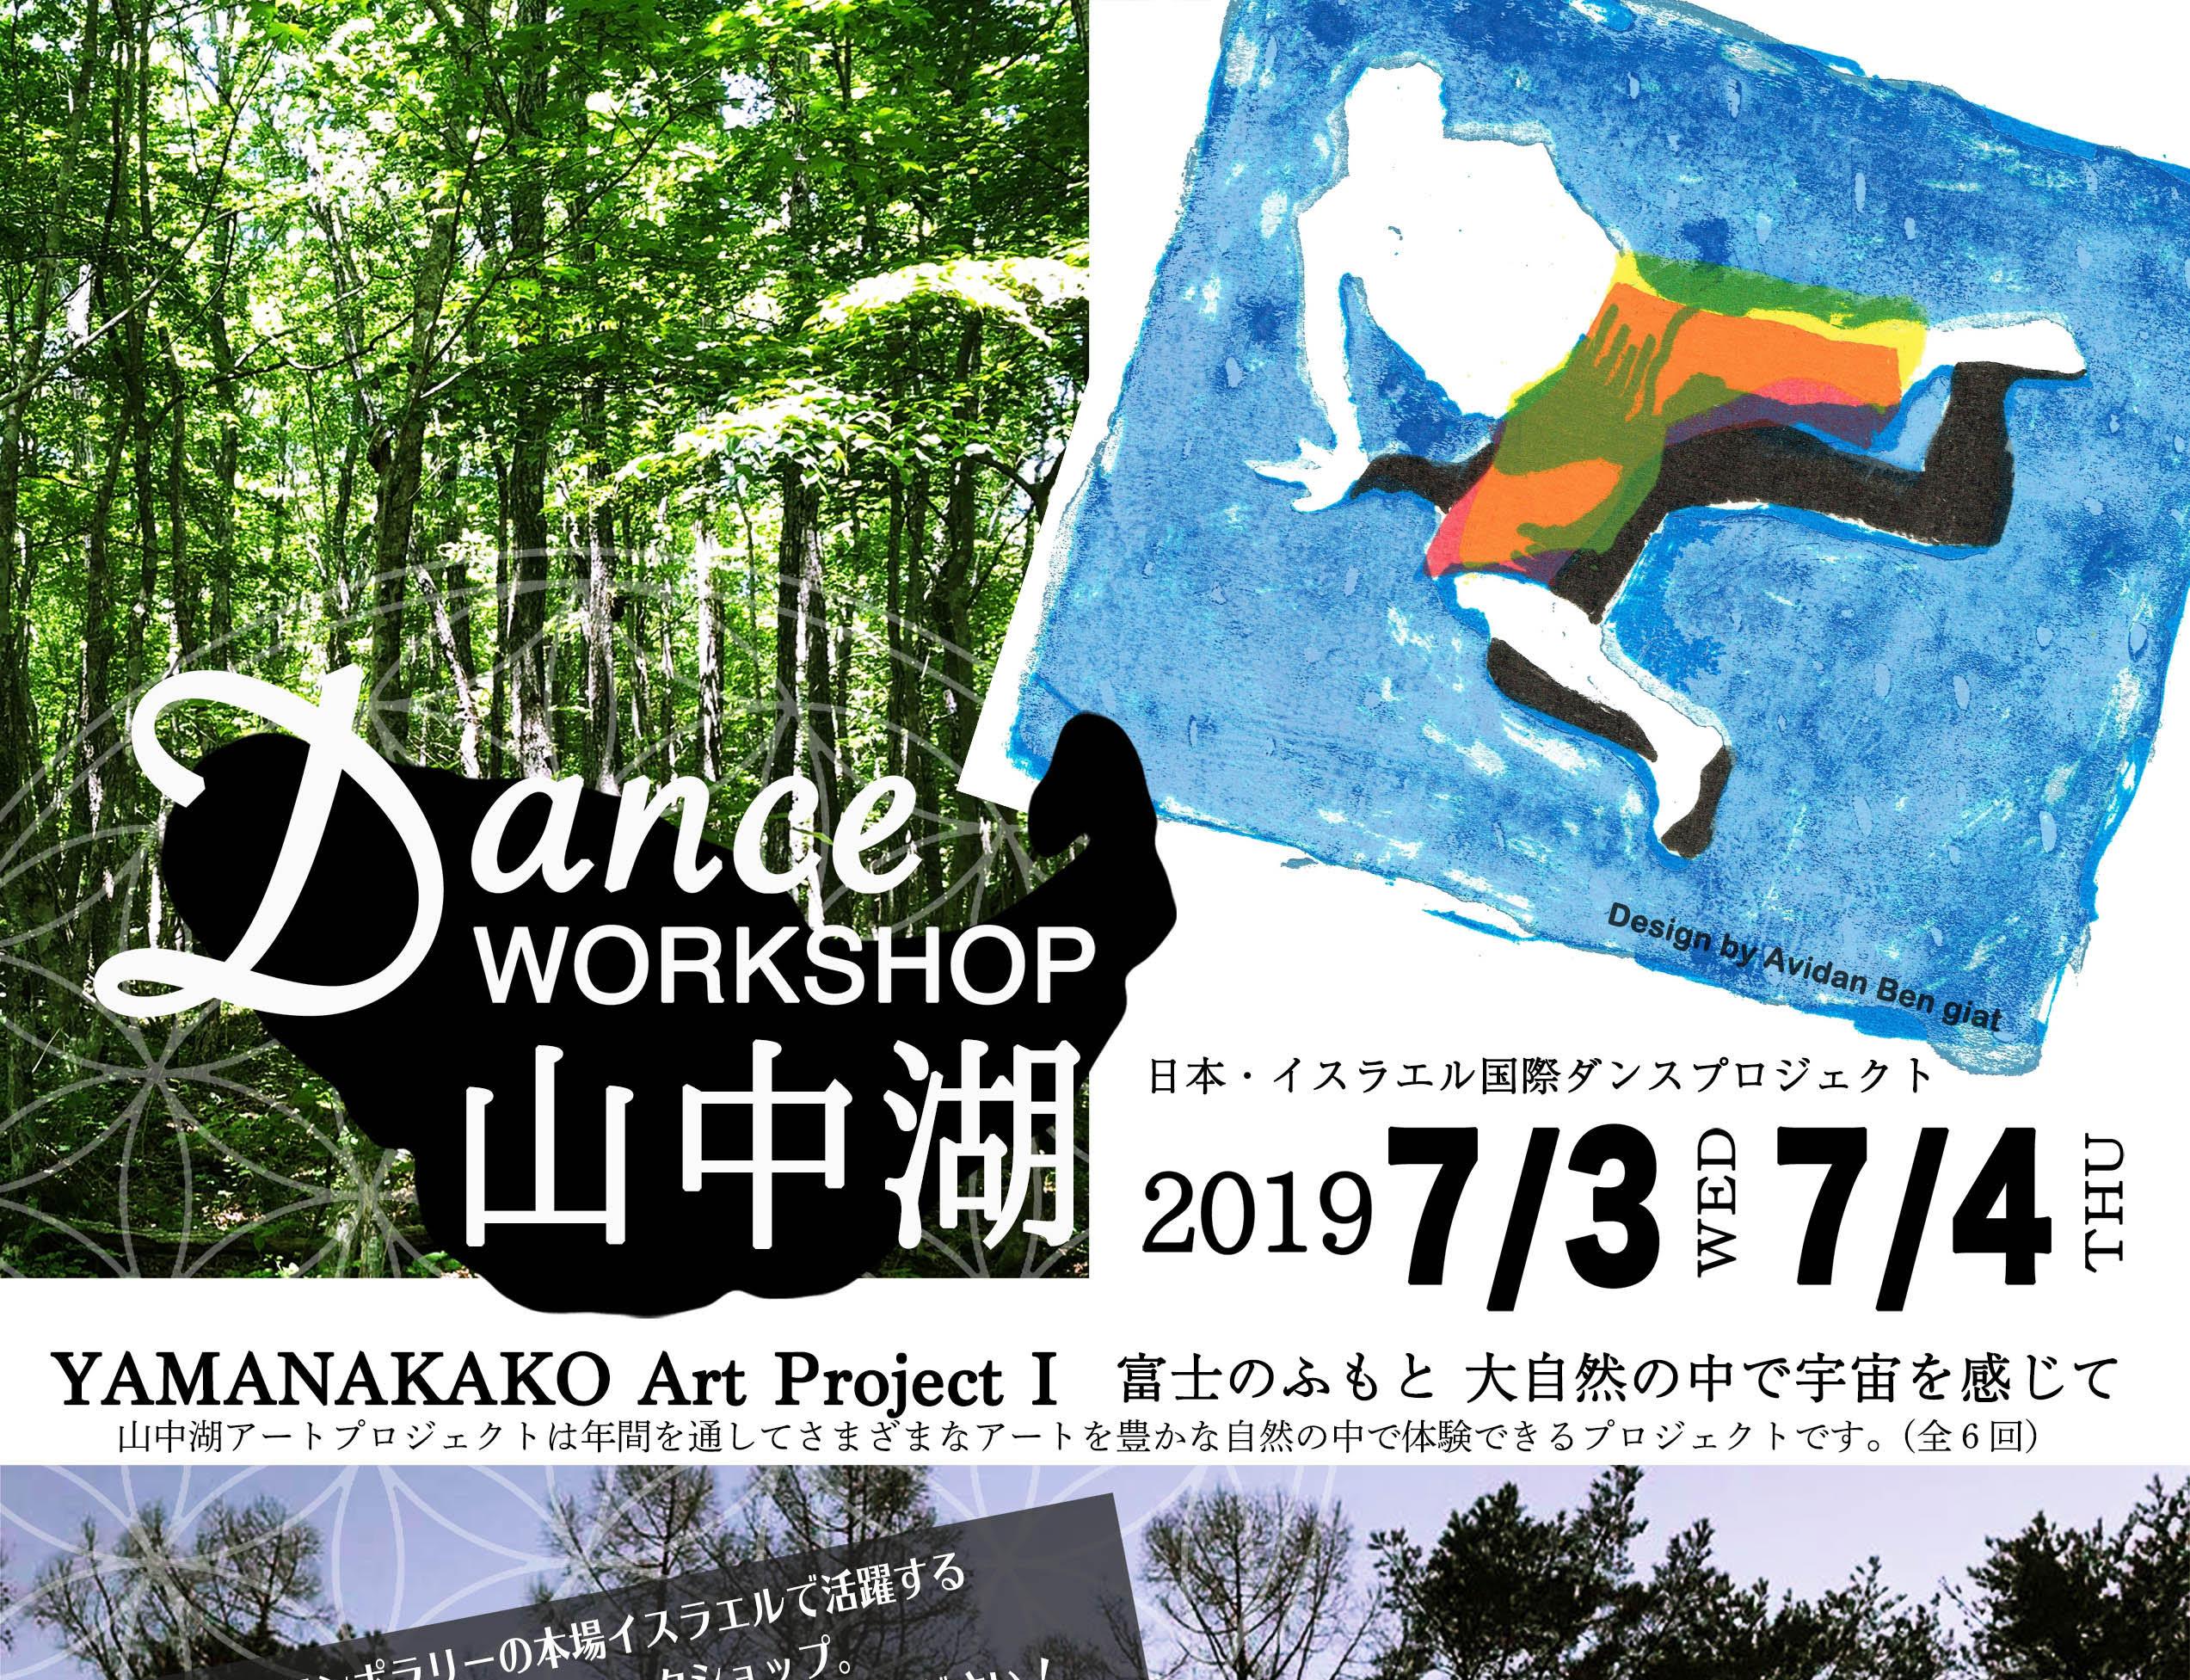 本場イスラエルからダンサーを迎えたワークショップ、山中湖で開催!